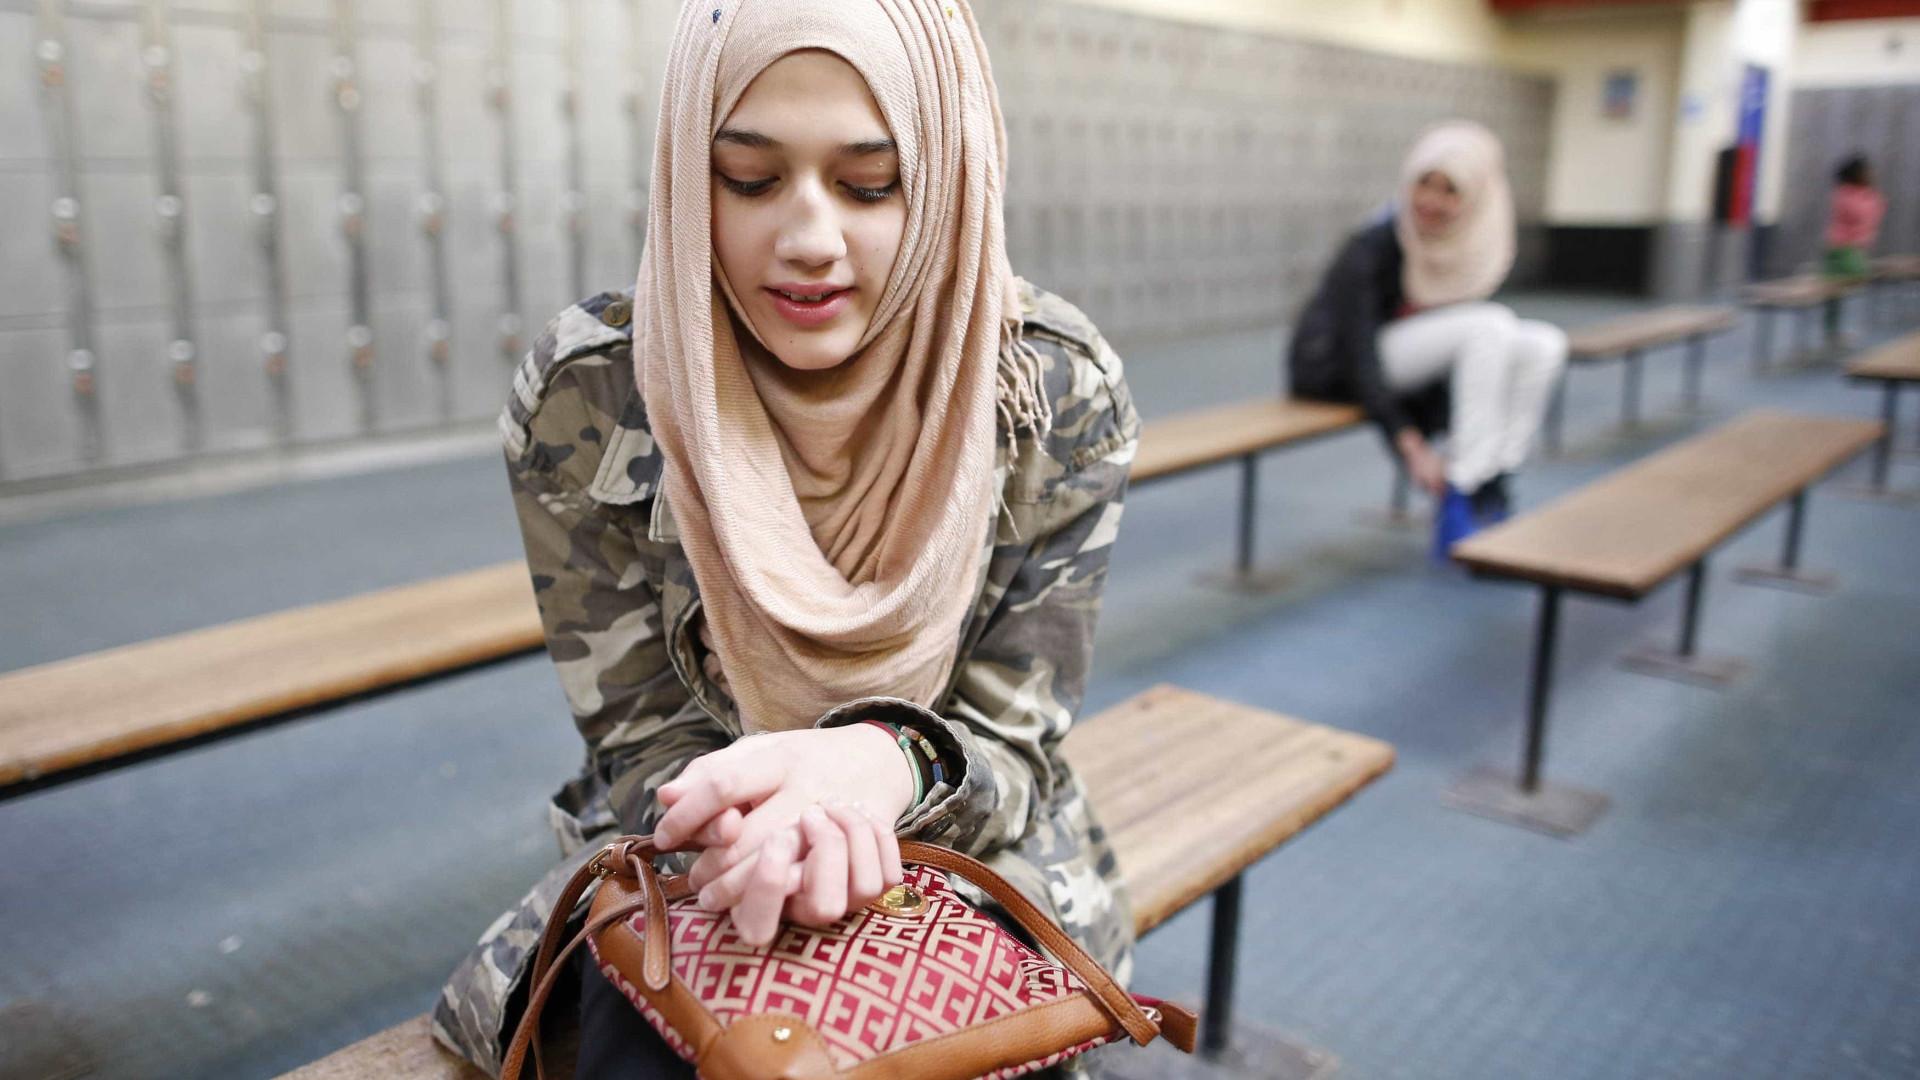 Holanda aprova proibição de véus islâmicos em lugares público